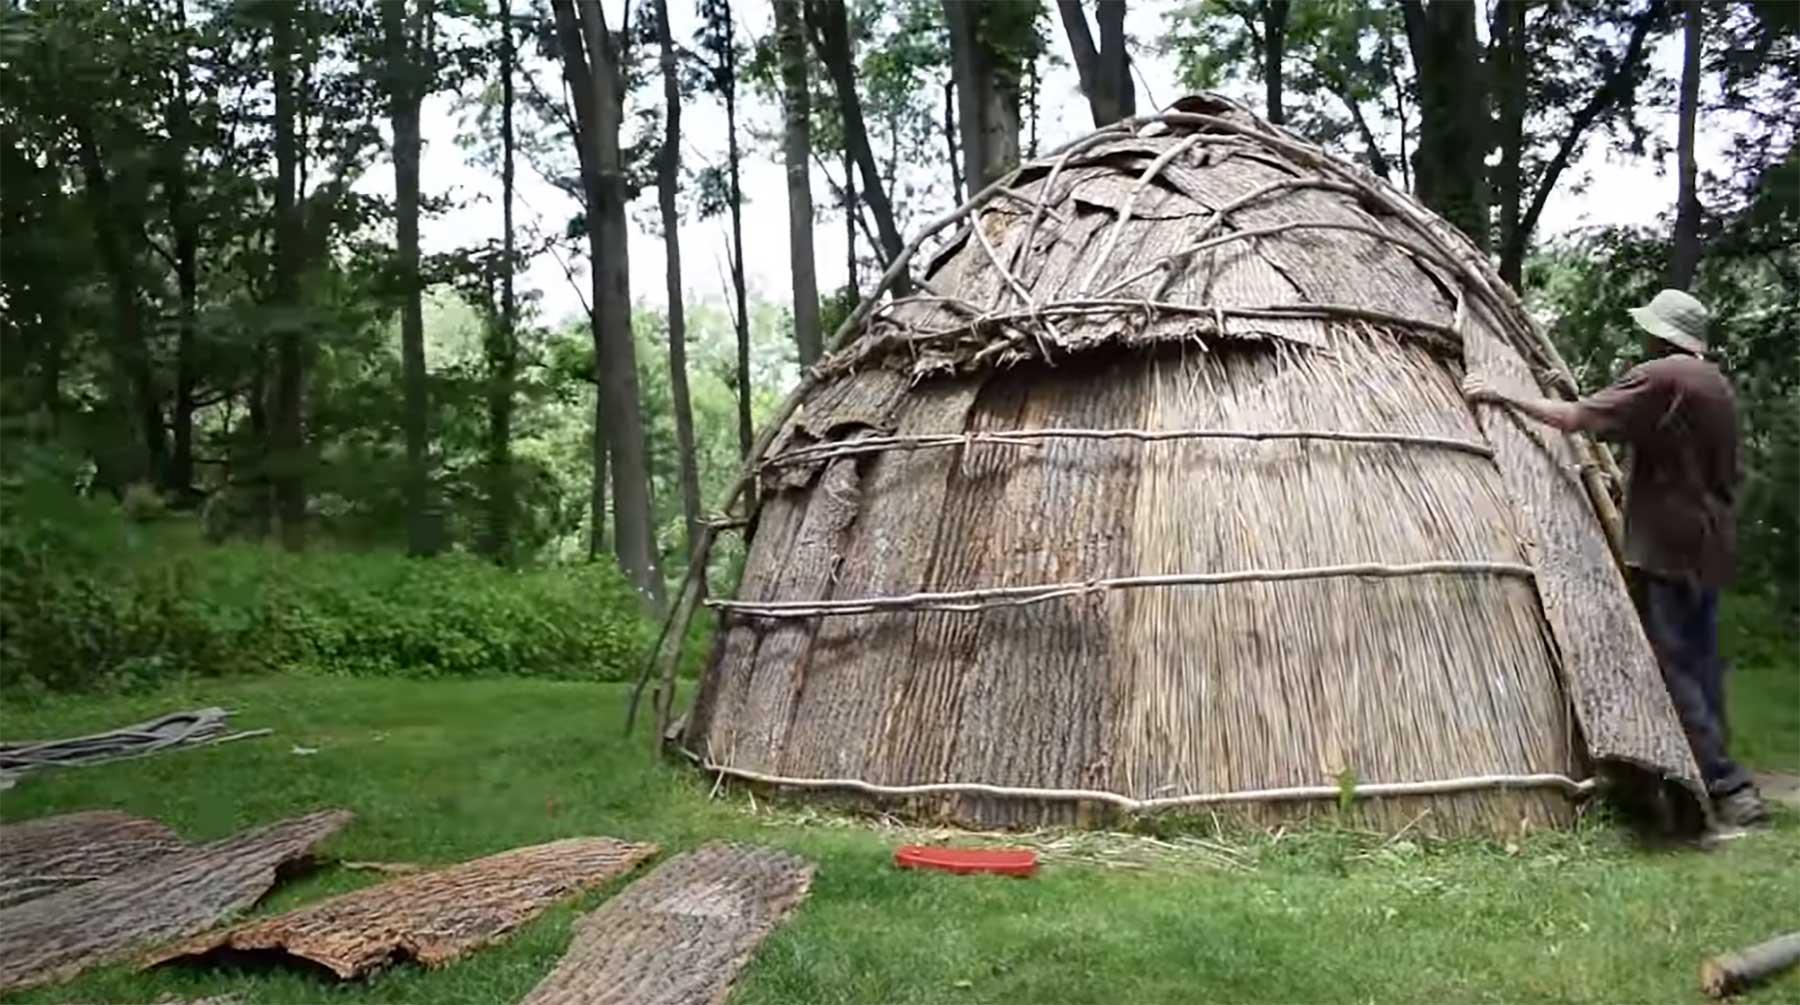 Wigwam-Bau im Zeitraffer-Video wigwam-bau-timelapse